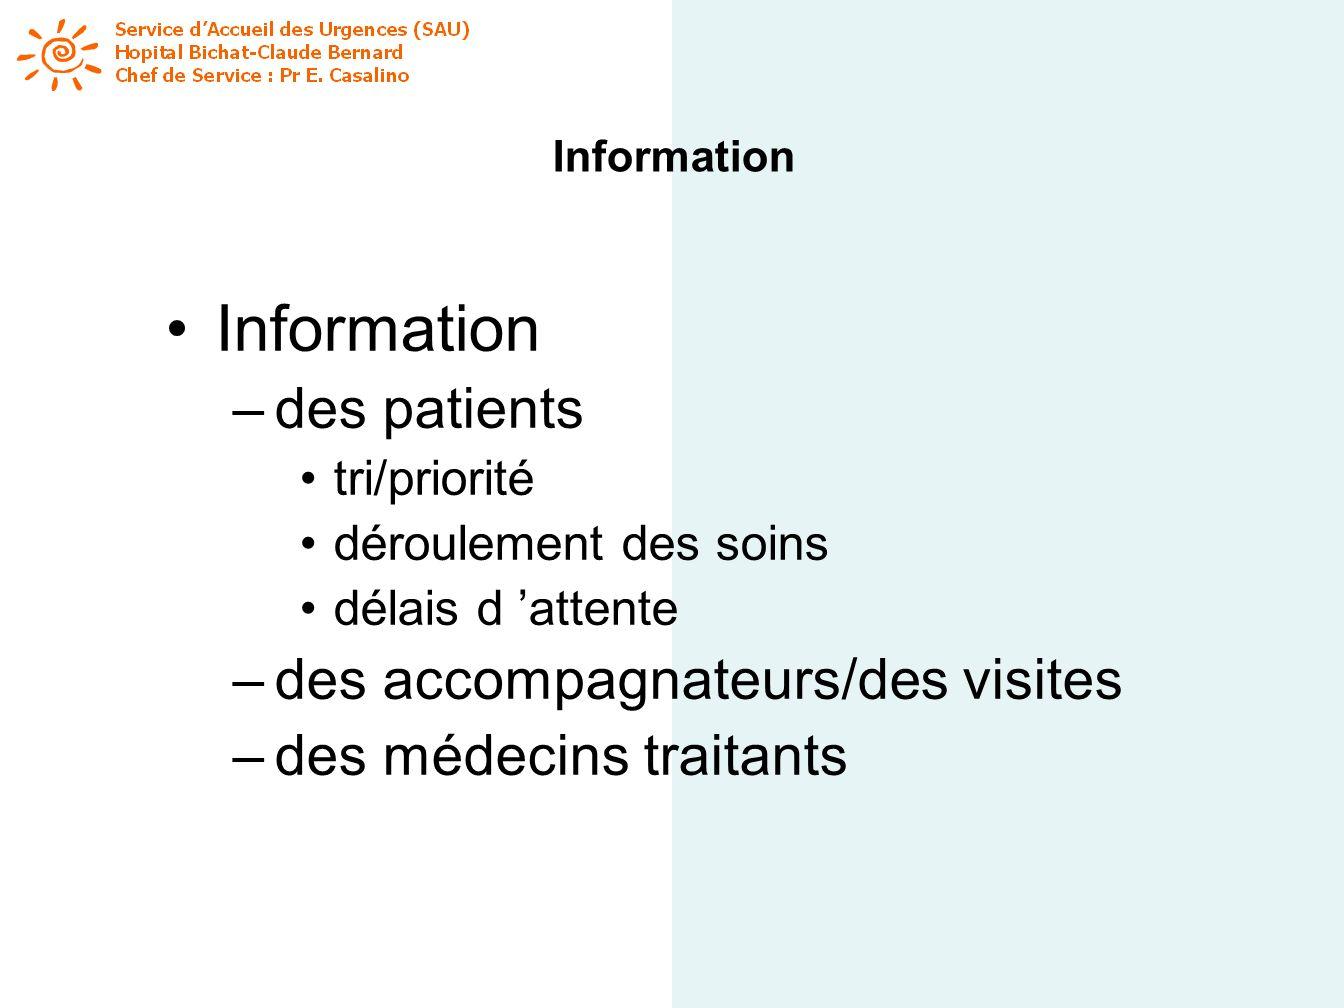 Information des patients des accompagnateurs/des visites